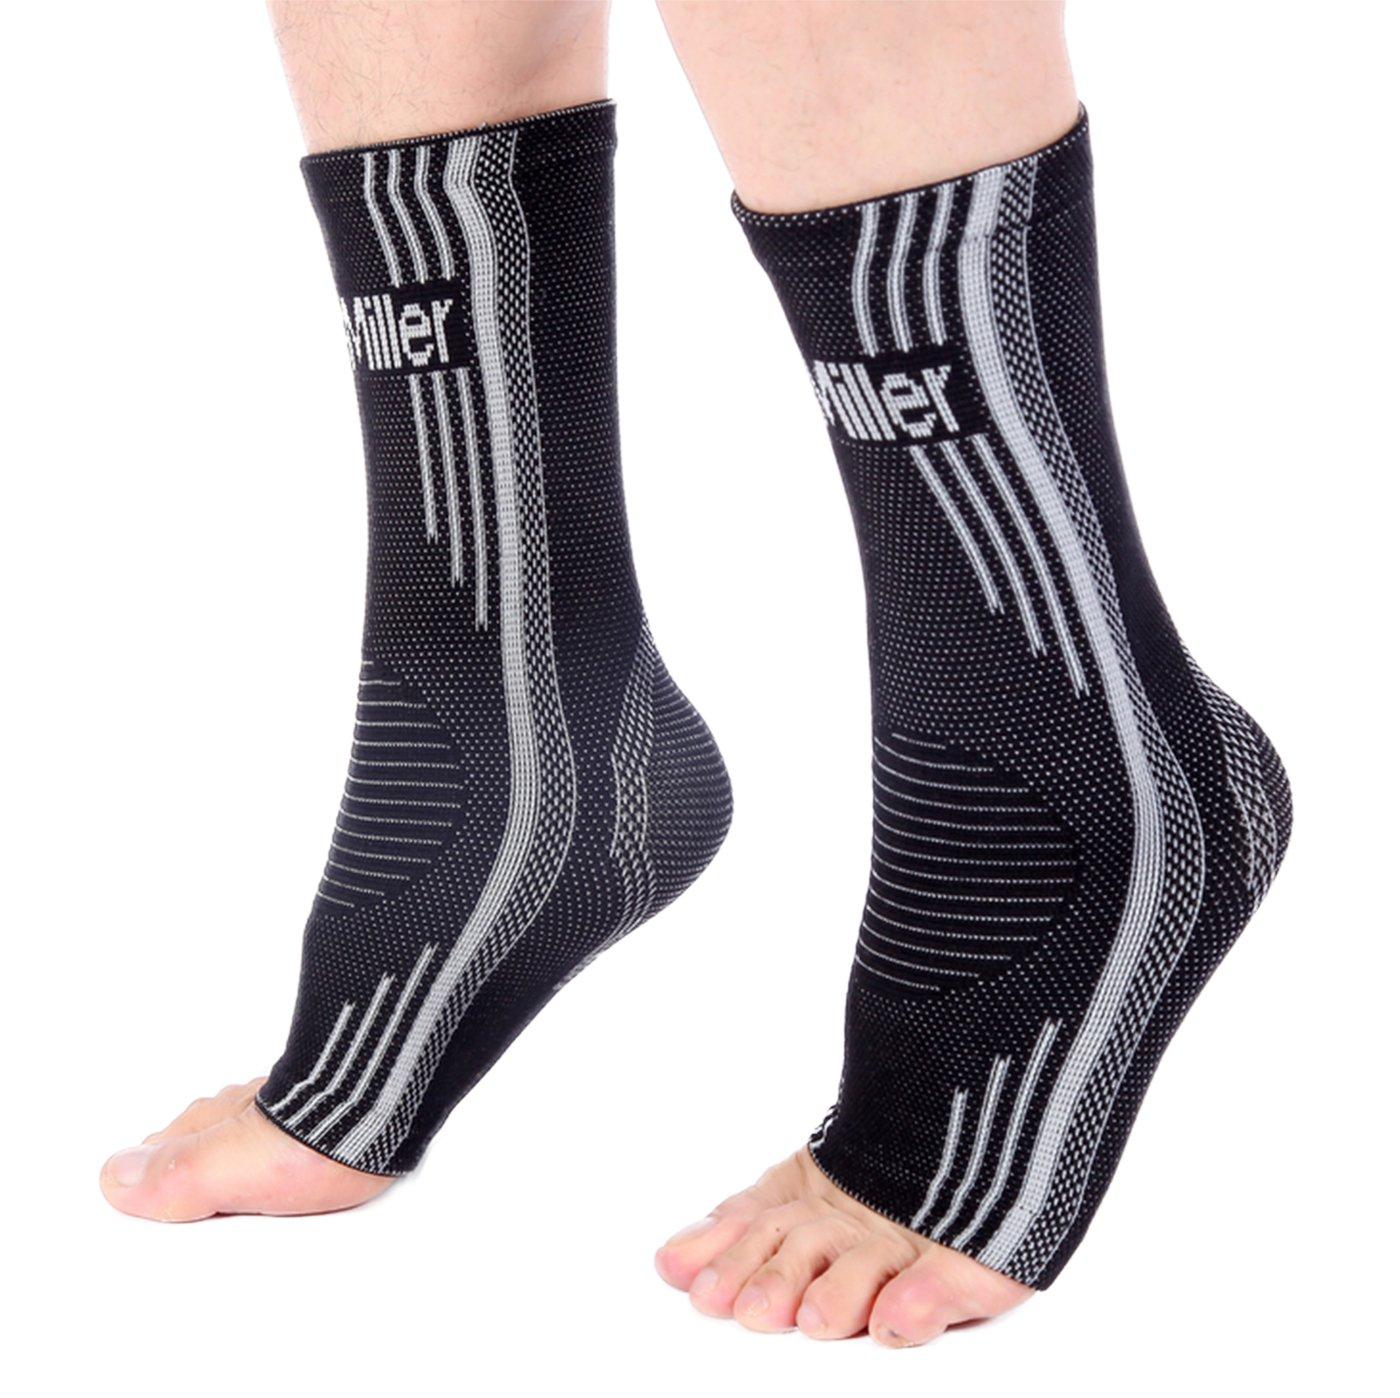 Doc Miller Premium Ankle Compression for Men